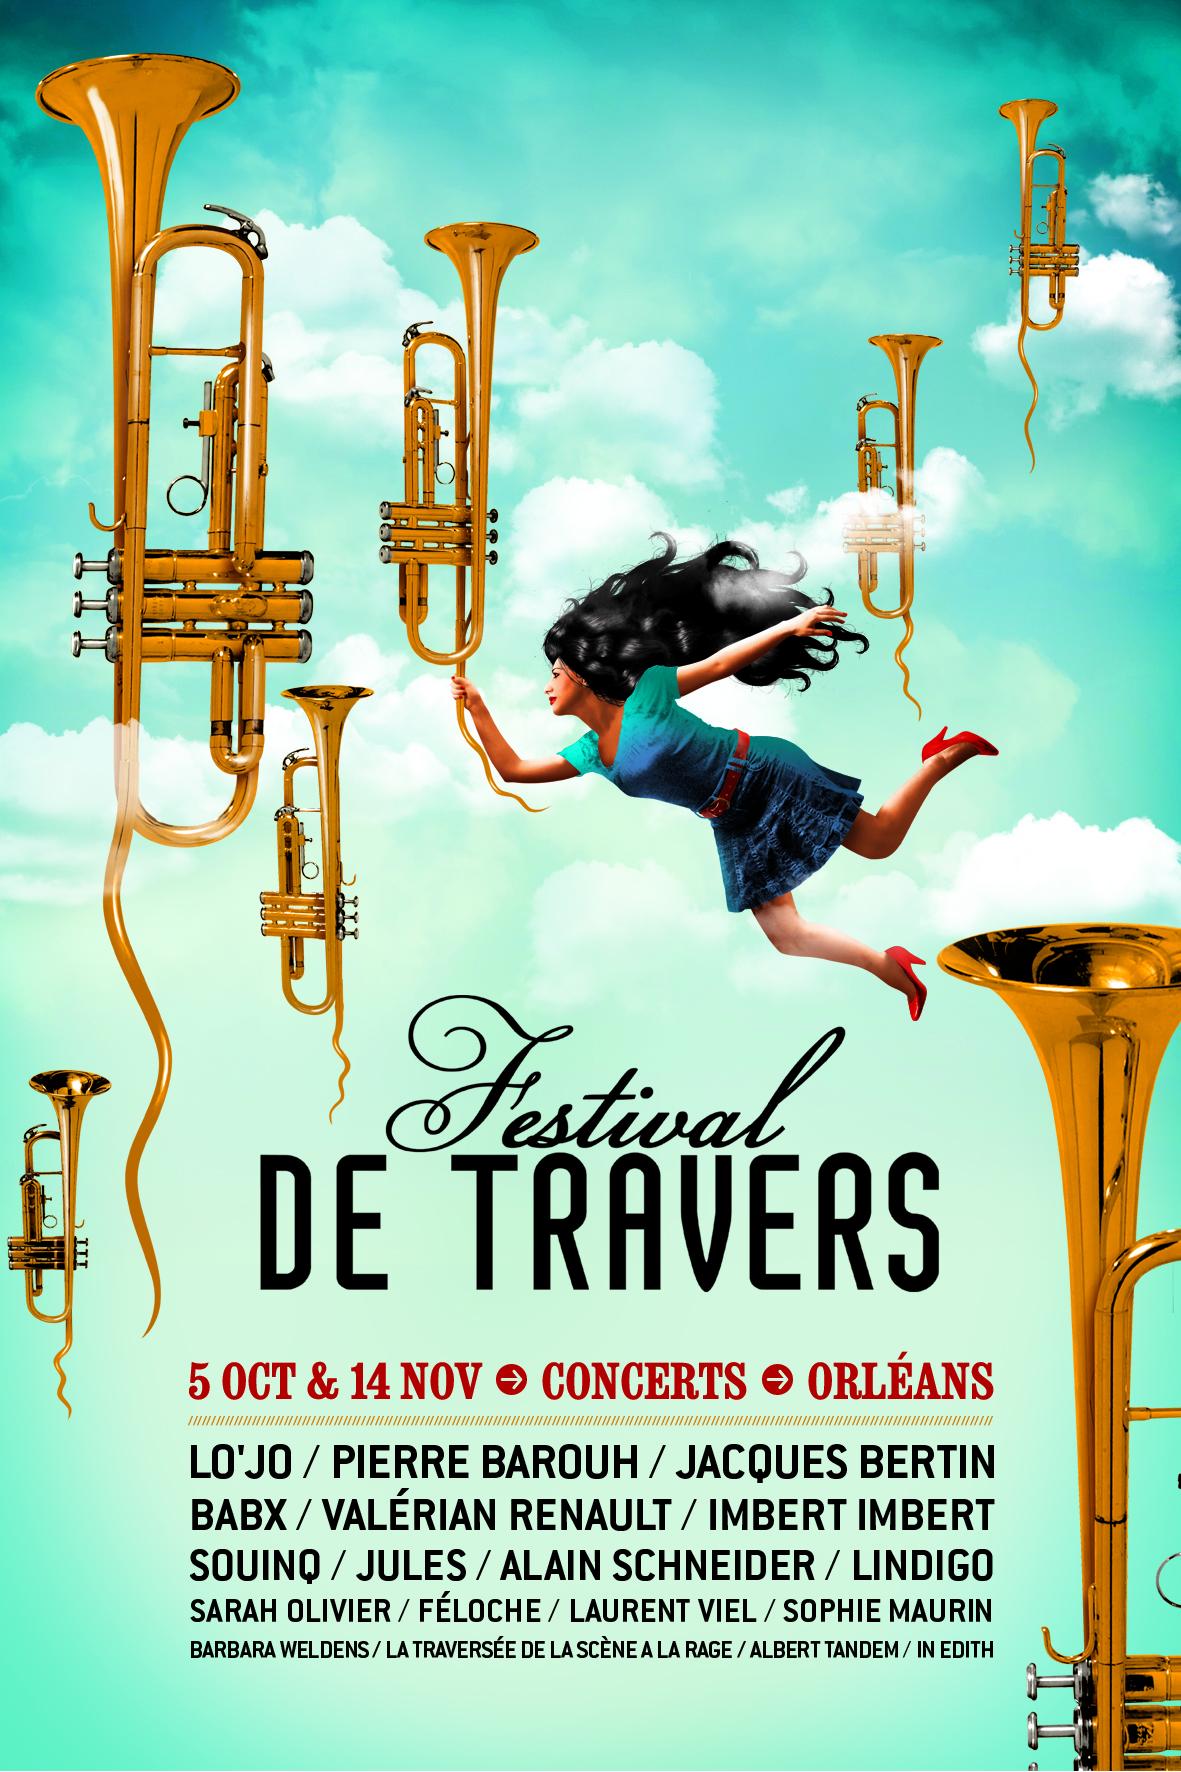 Affiche Festival de Travers 2013